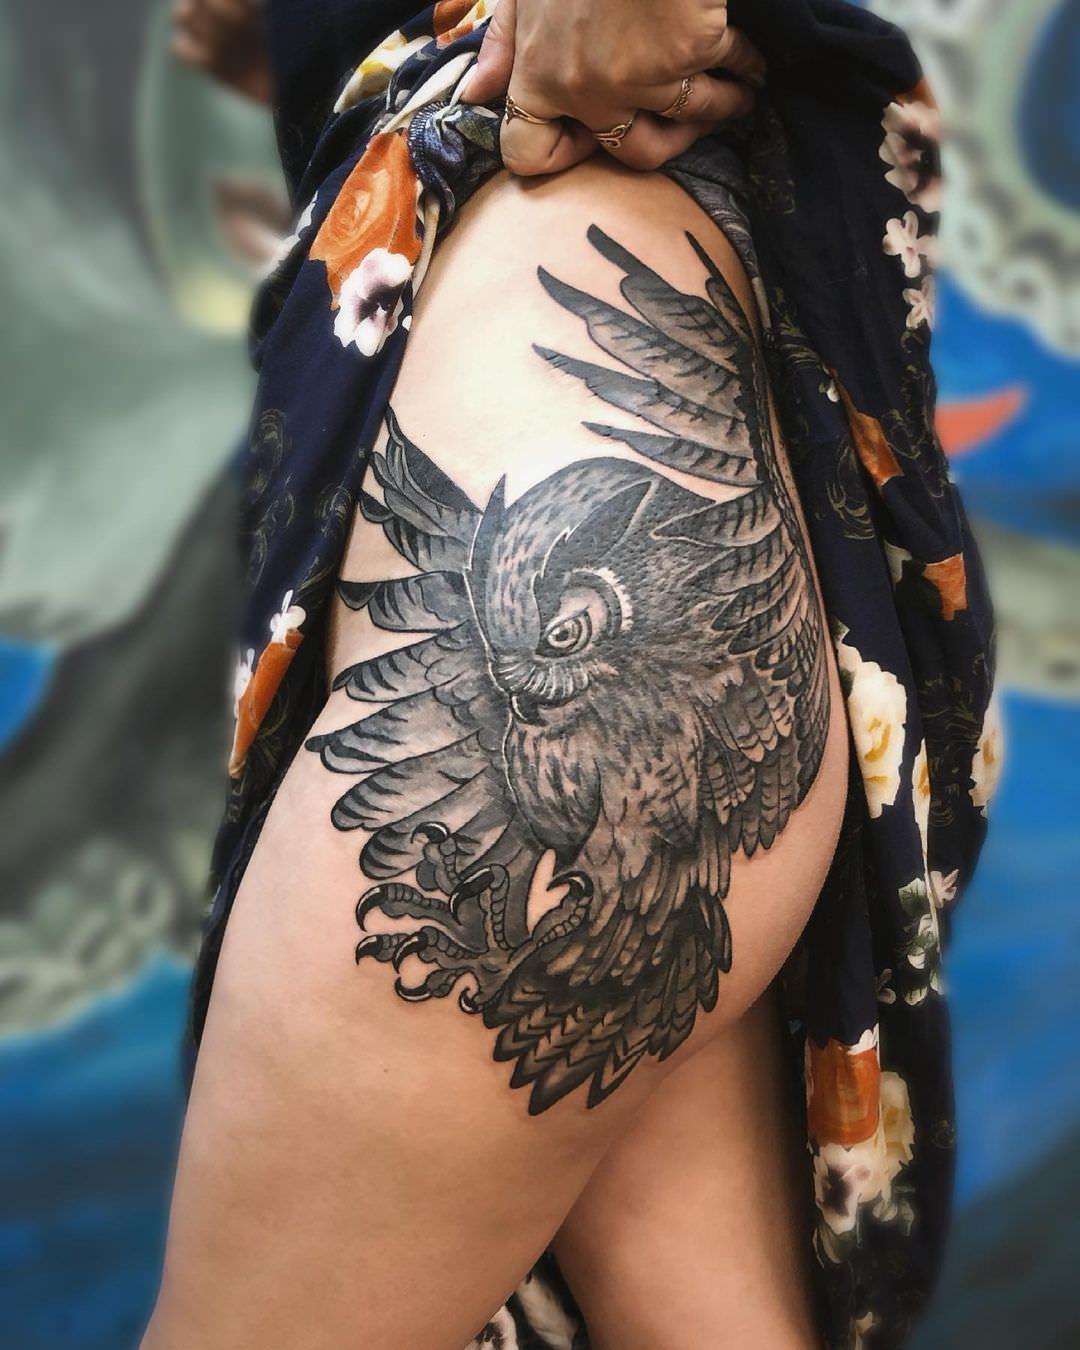 yuliya_tattoo_master_212152712_158127419717007_5899496246088599014_n